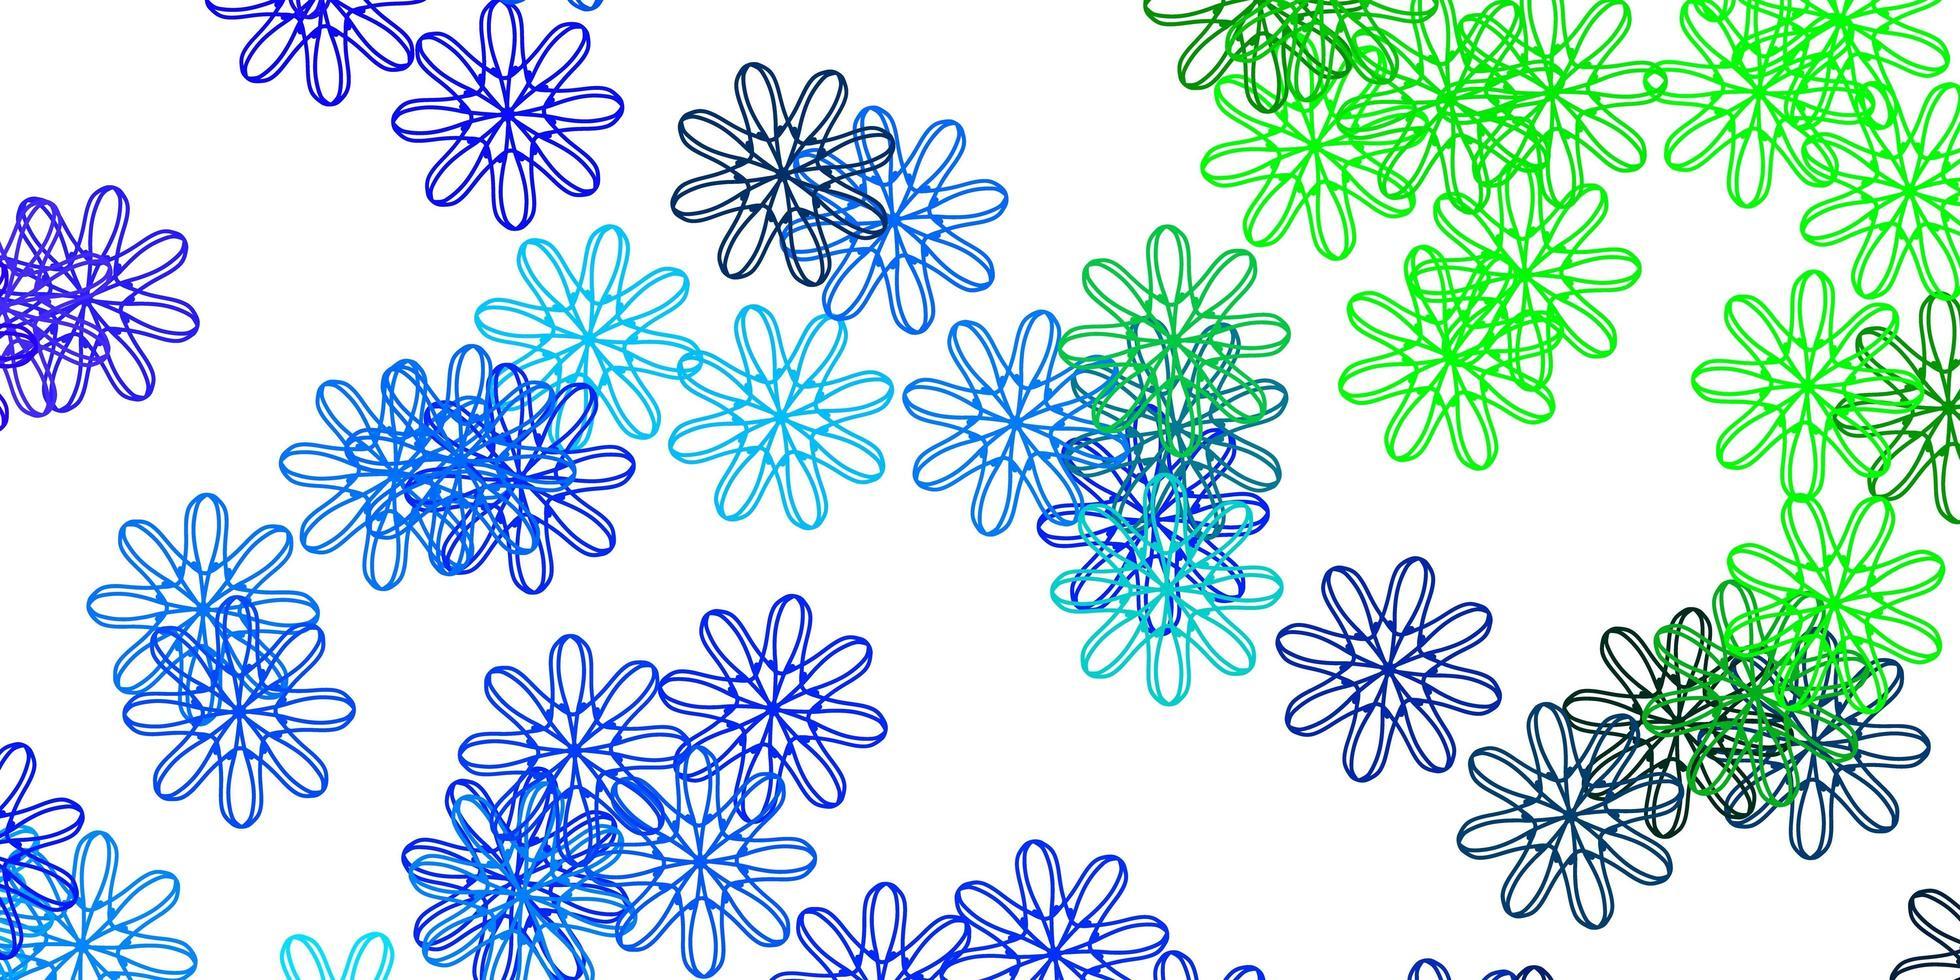 natürliches Layout des hellblauen, grünen Vektors mit Blumen. vektor